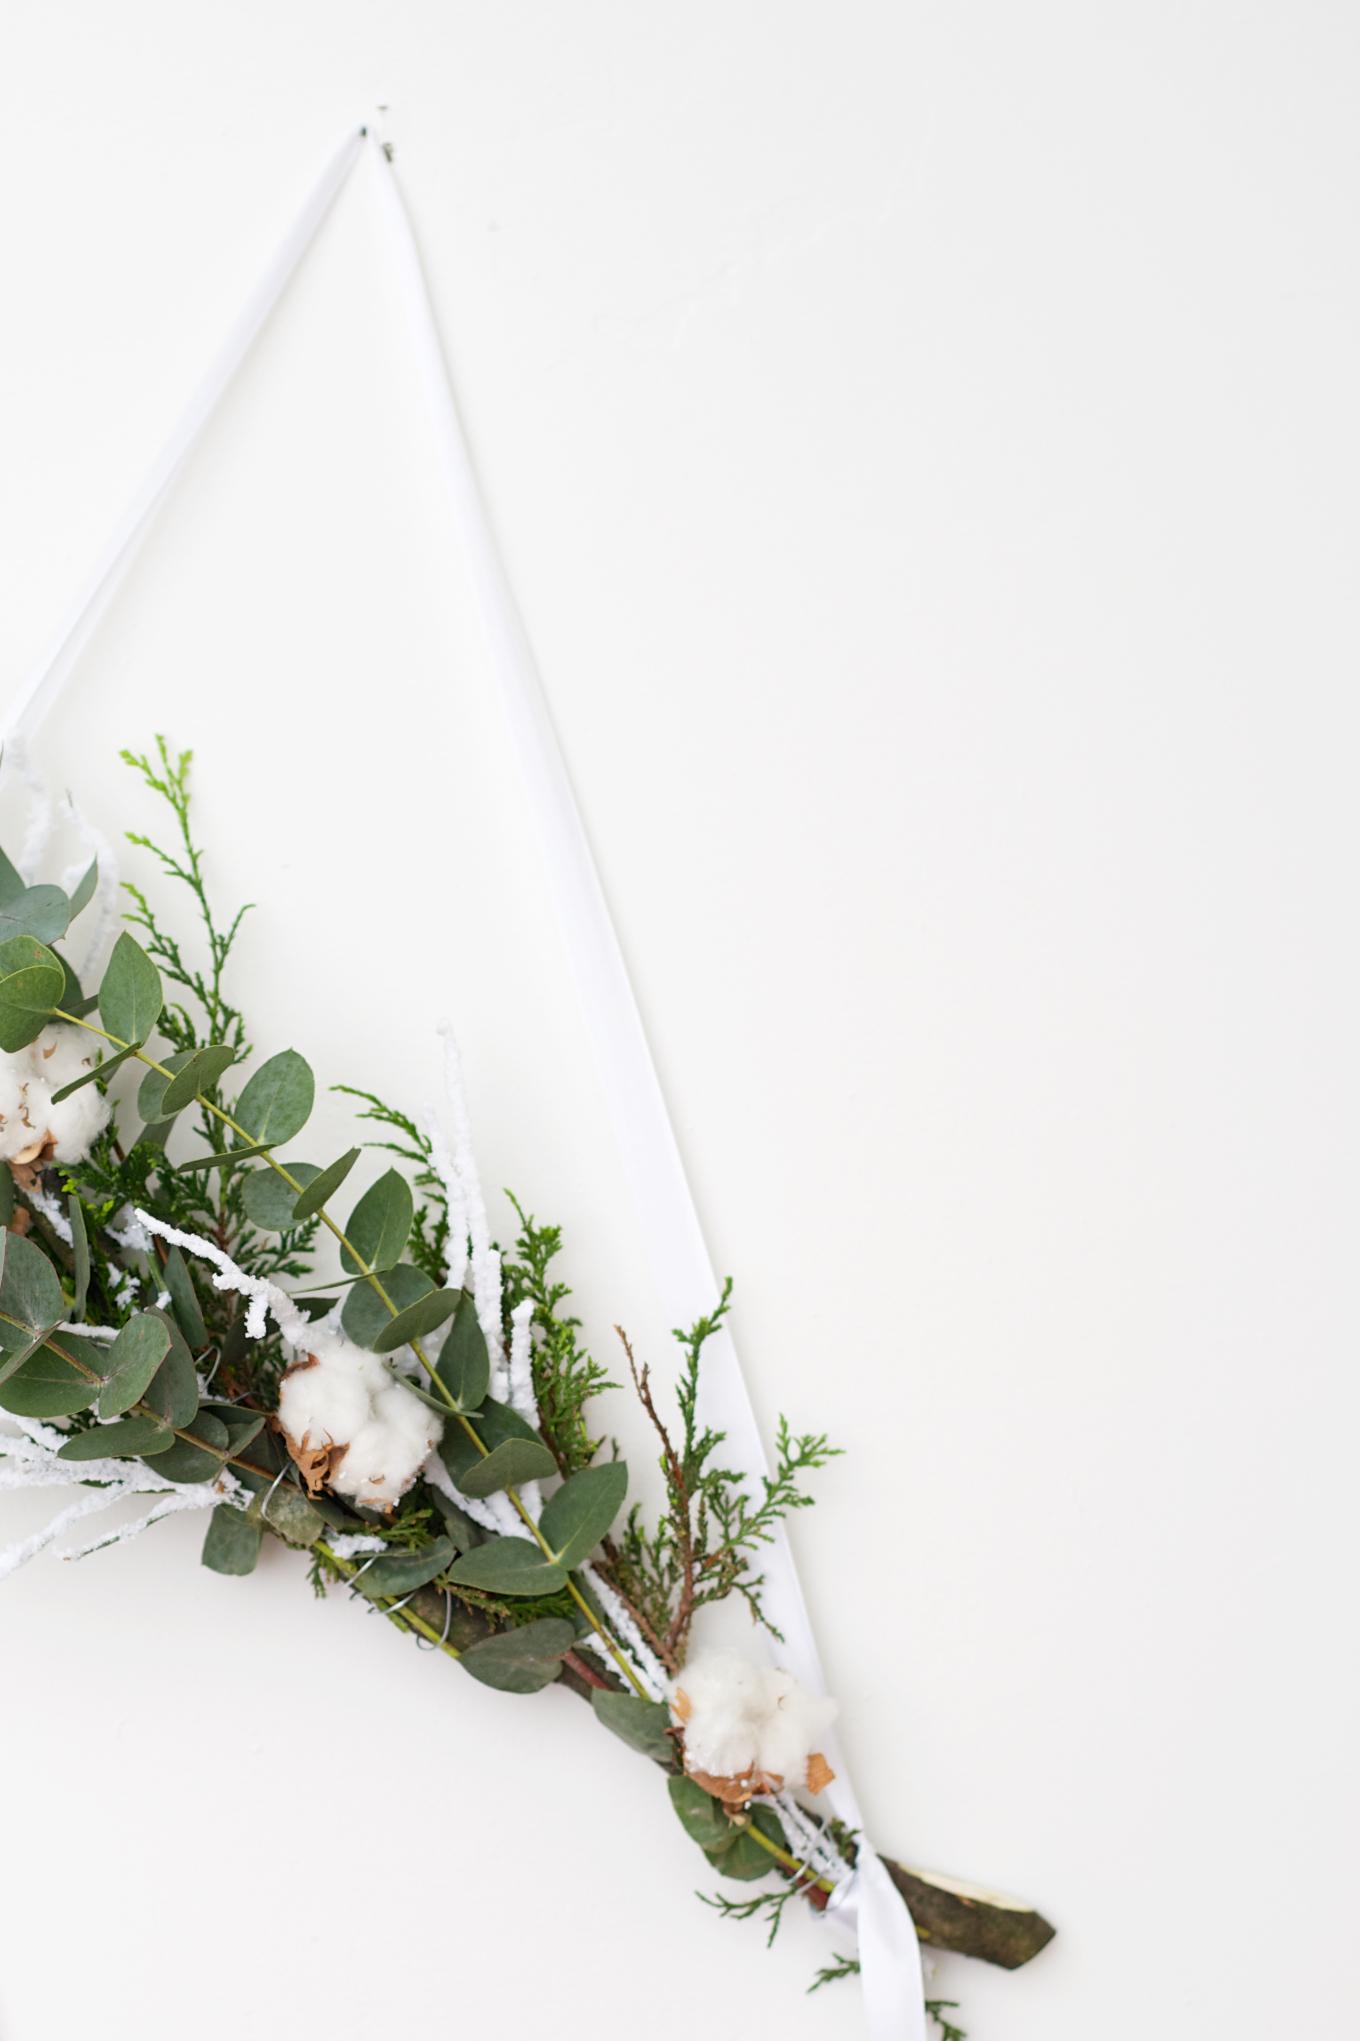 DIY kerstkrans met natuurlijke materialen (3)